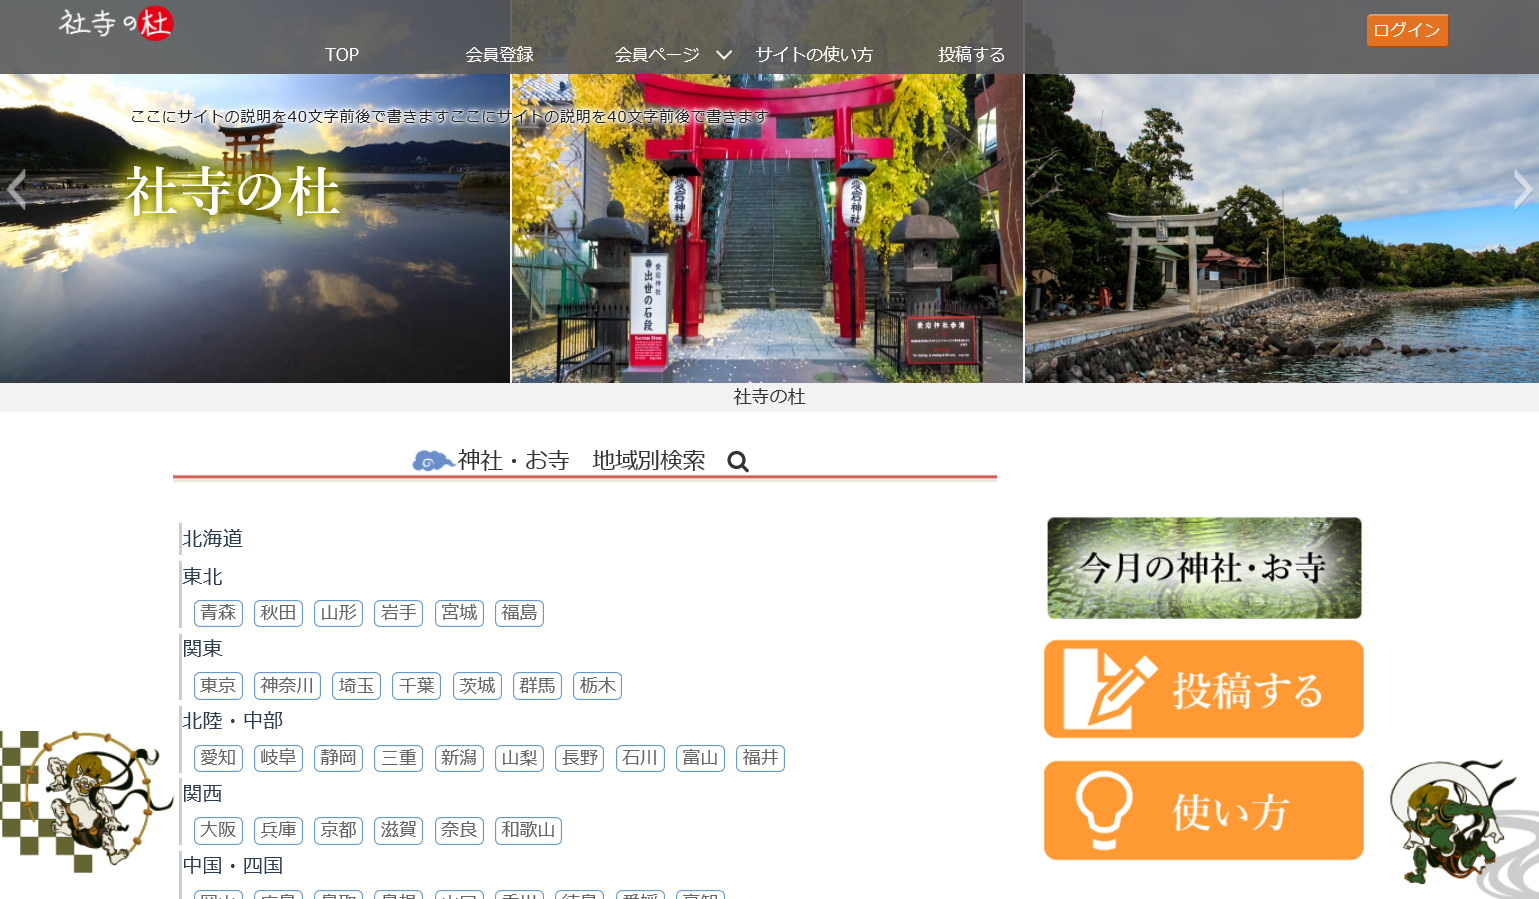 ポータルサイト ホームページ制作事例